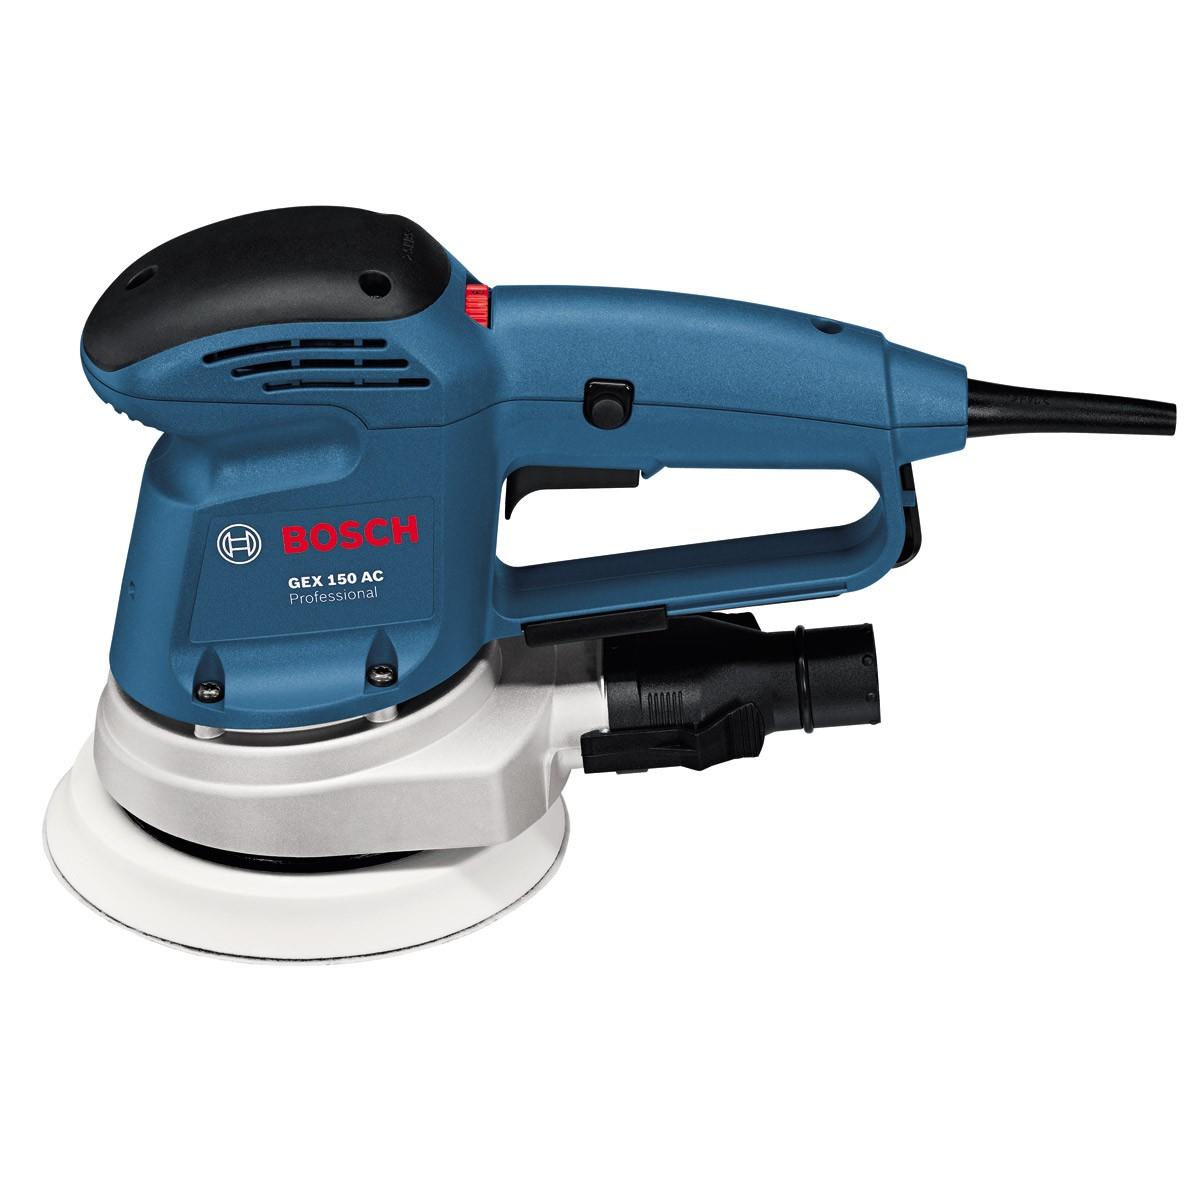 - Bosch GEX 150 AC Excentrische schuurmachine - 340W - 150mm - variabel